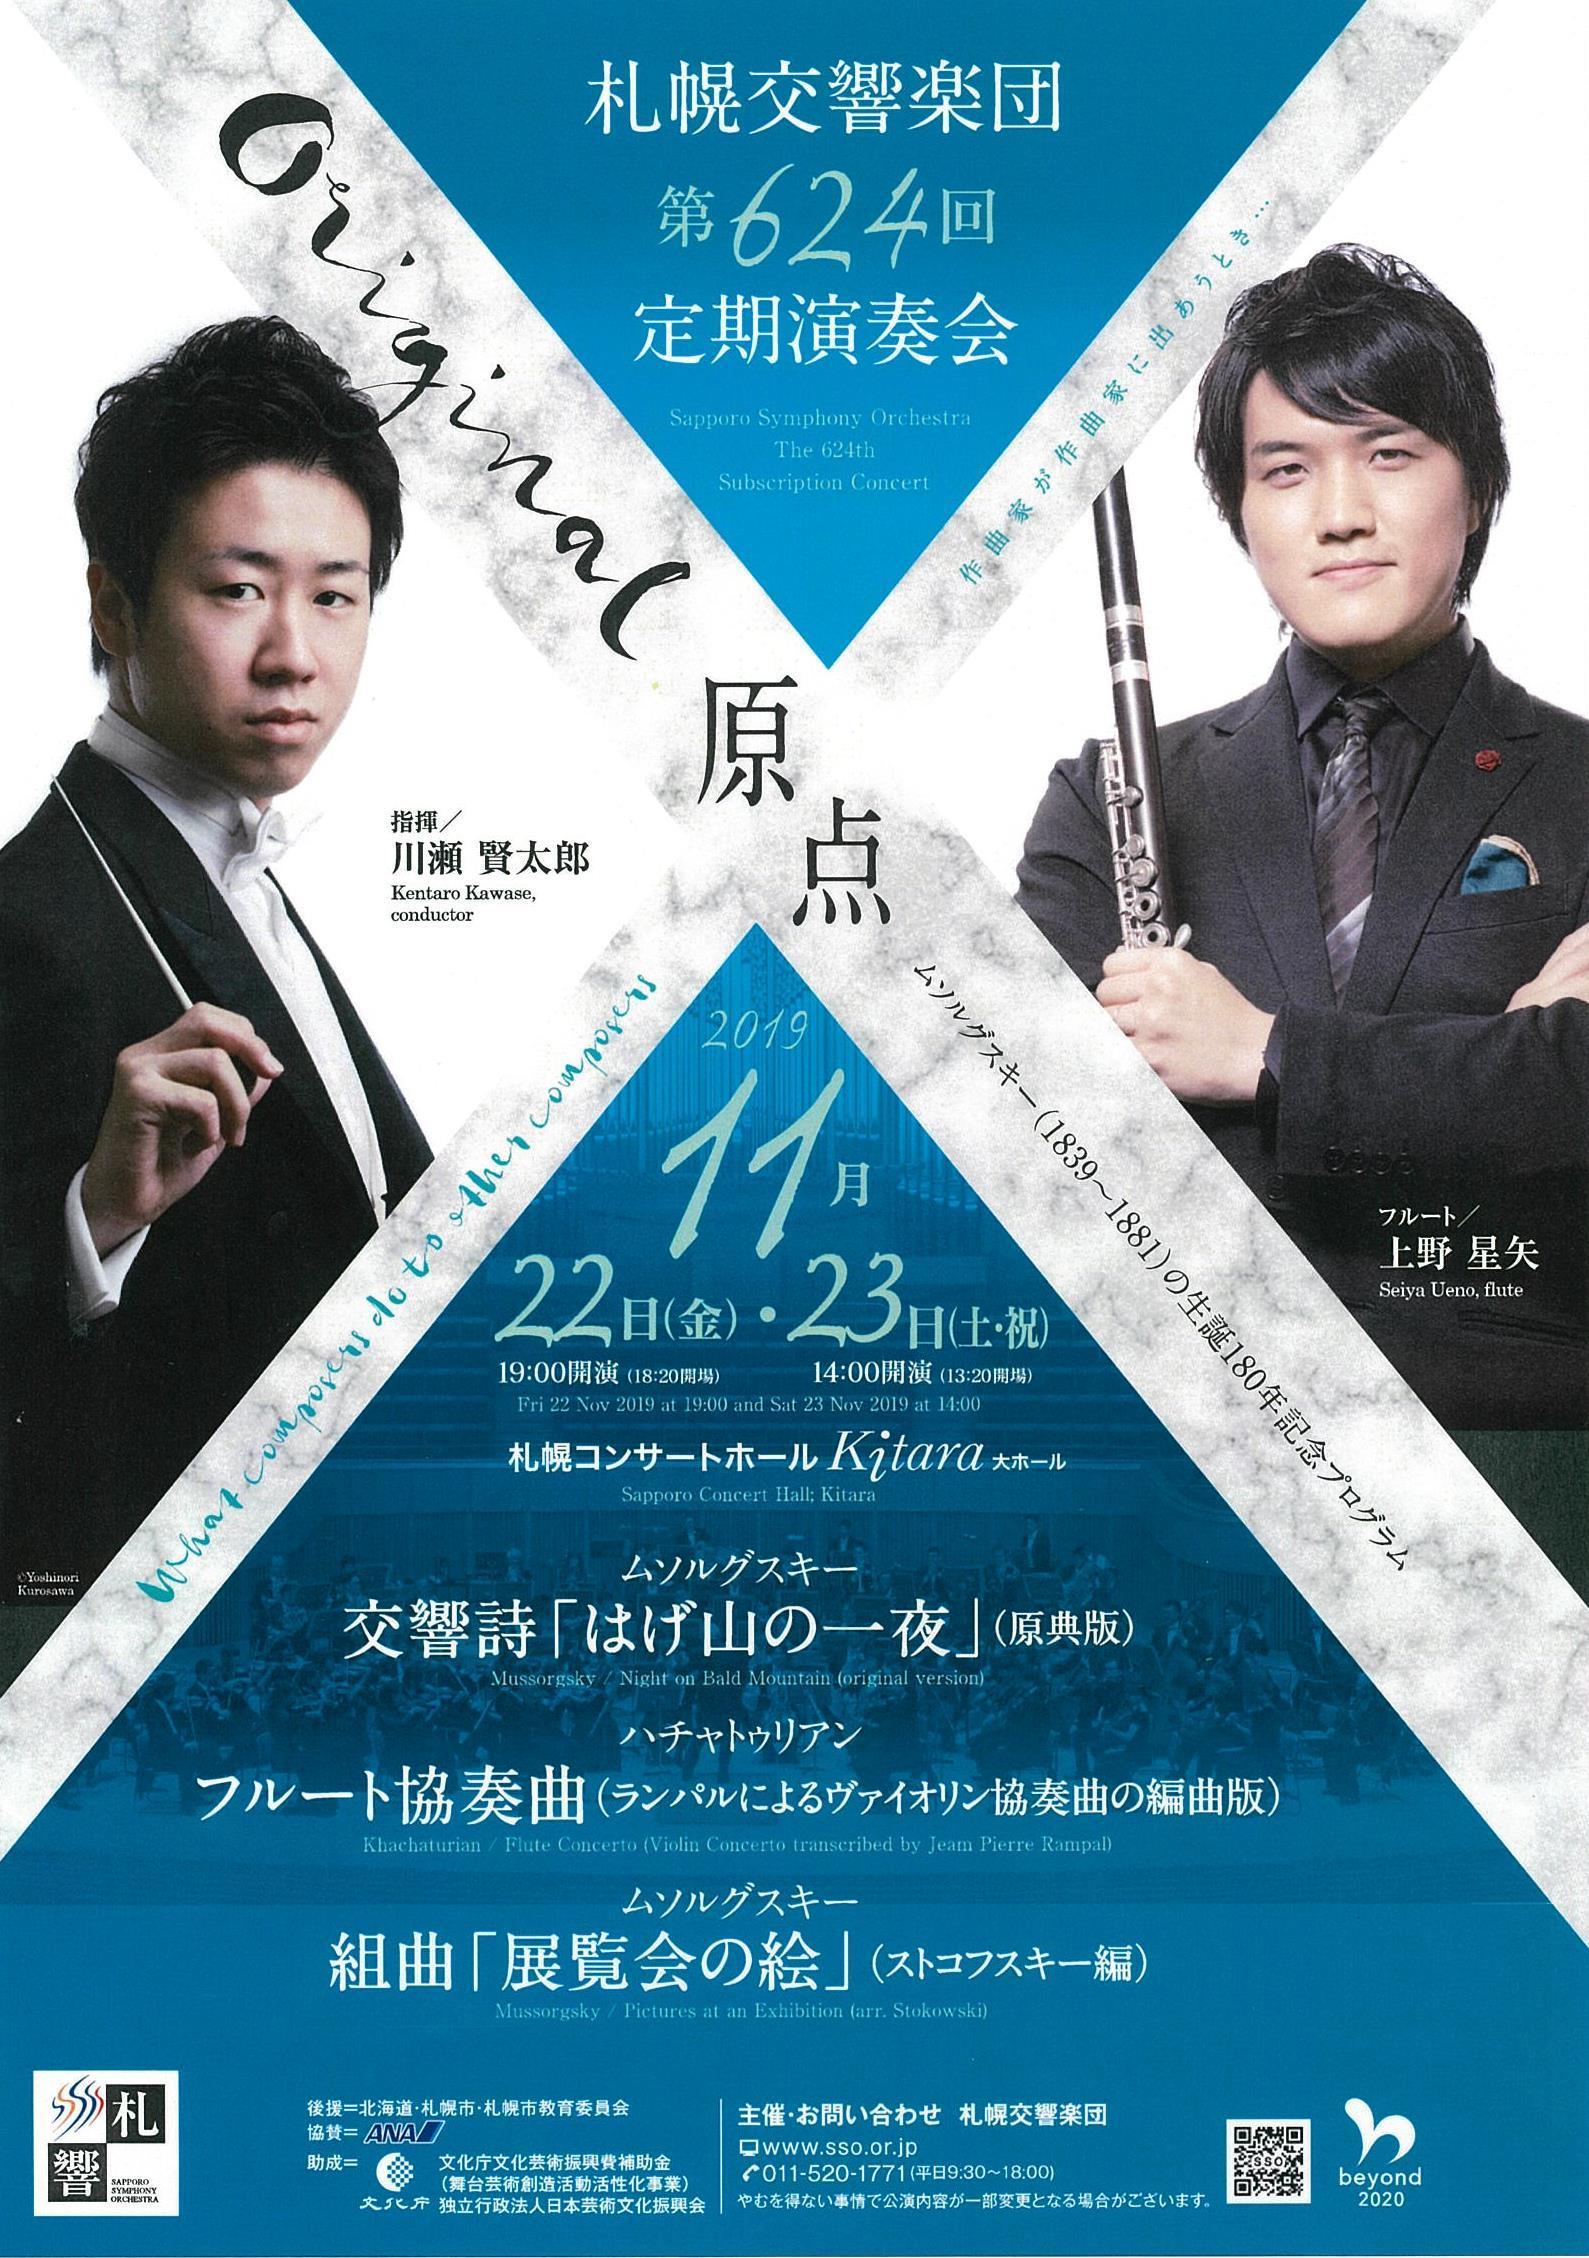 11月22日・23日 札響定期演奏会 当日券販売とロビーコンサート